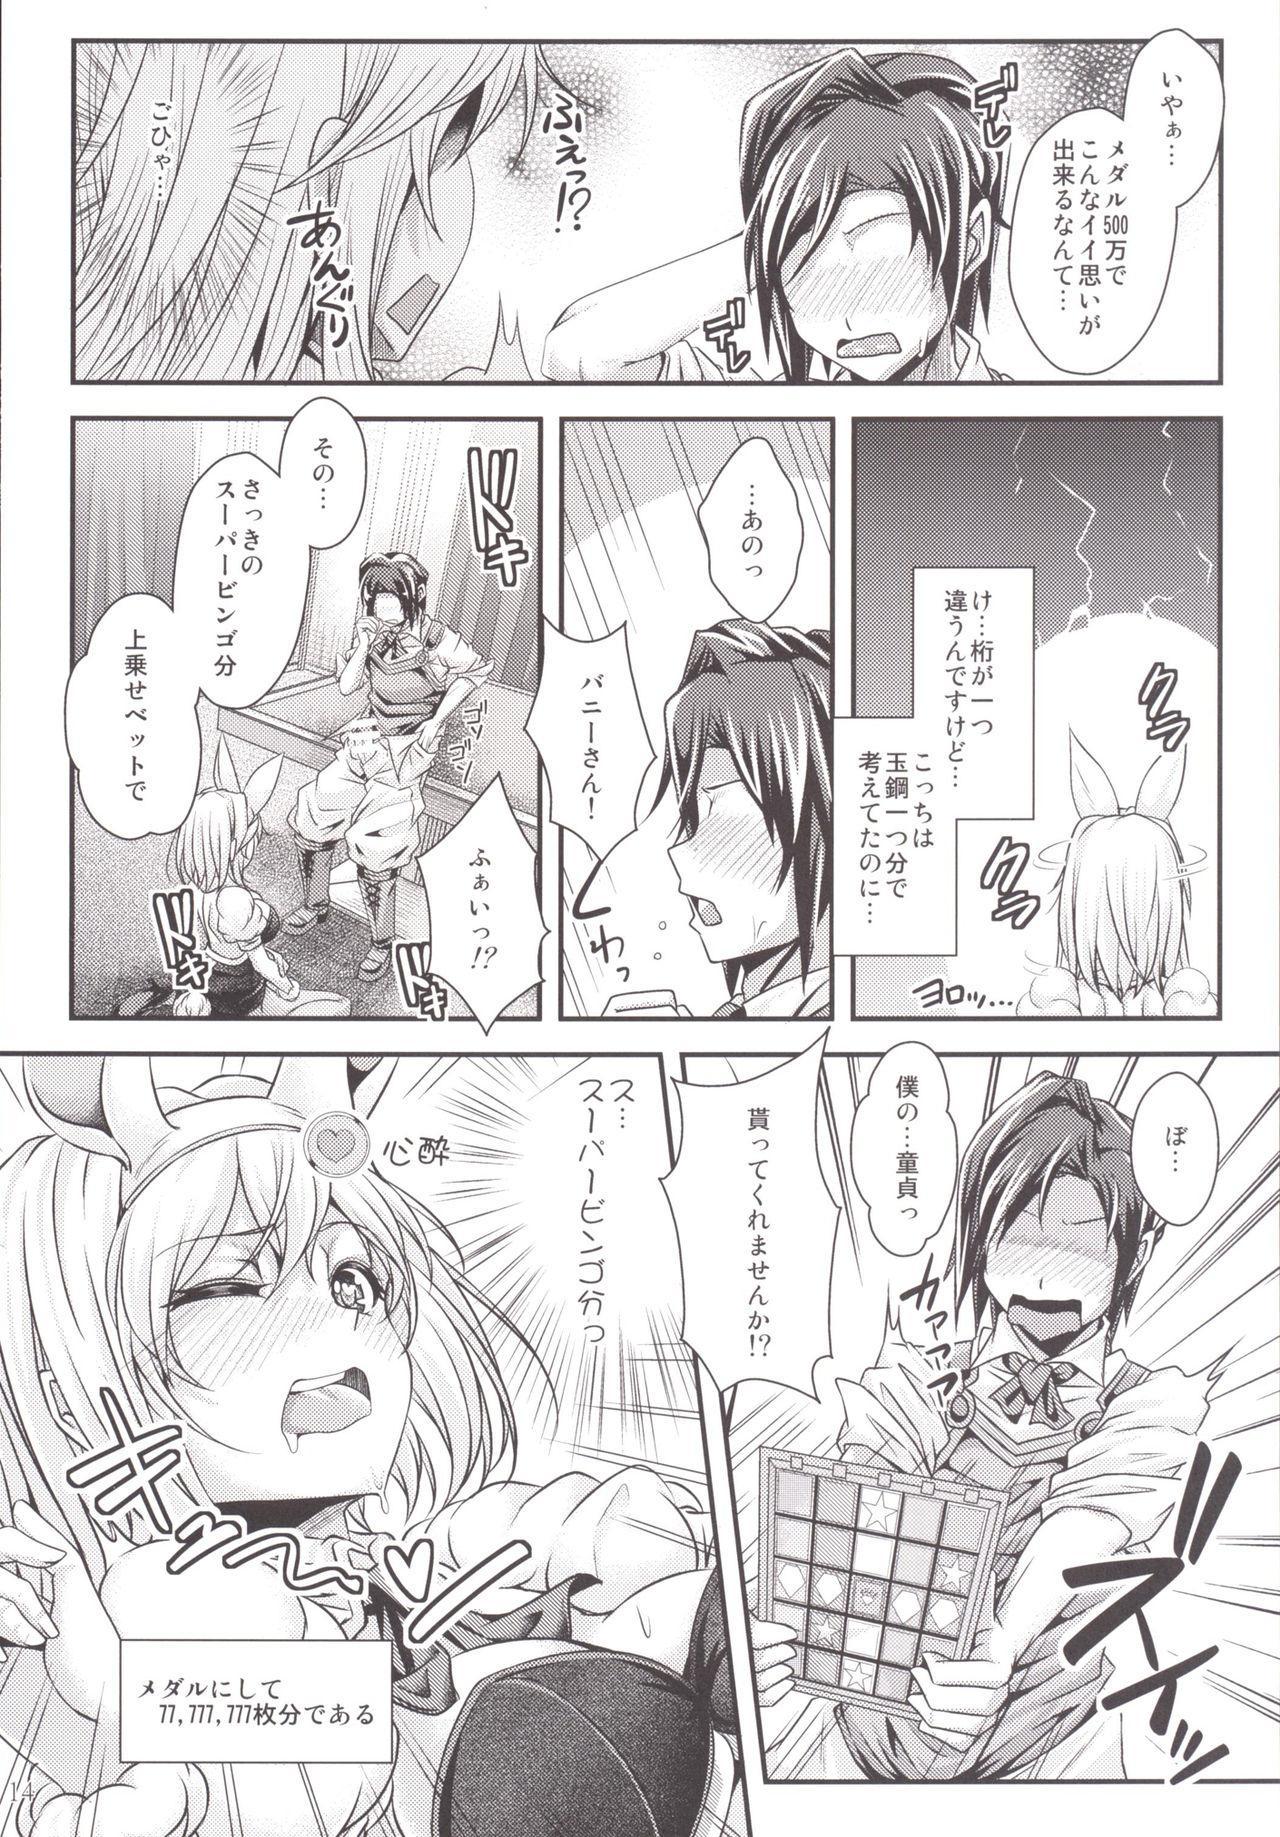 Bunny ga Sage ni Naru Houhou 12